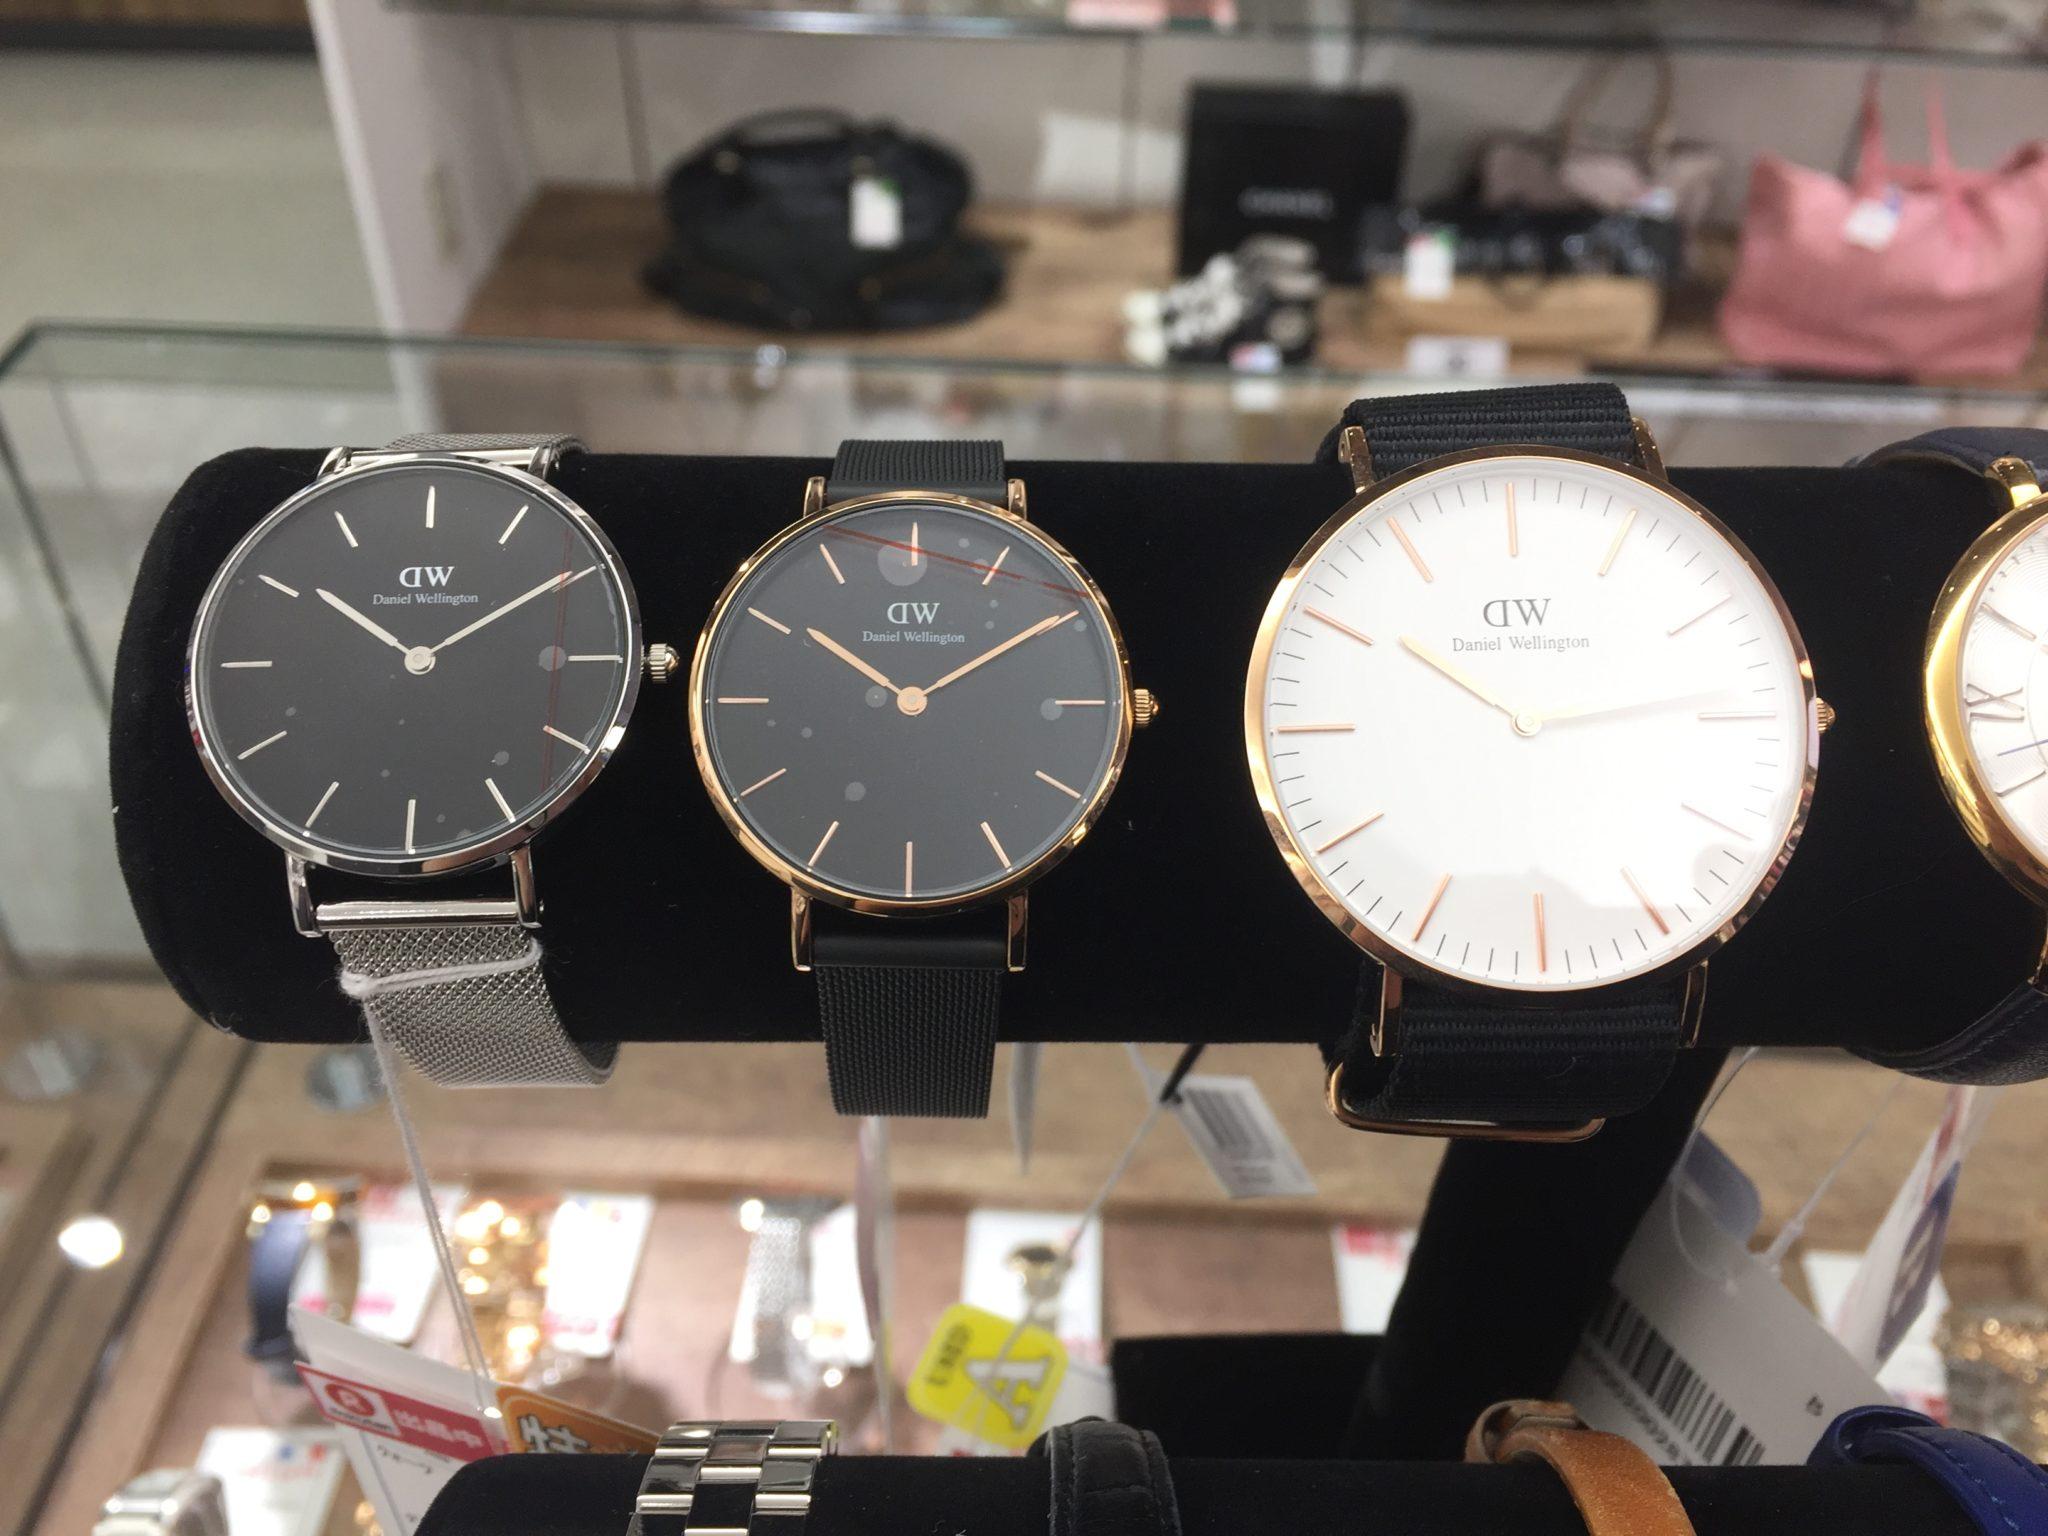 【盛岡 DW 販売】Daniel wellington ダニエルウェリントン 腕時計